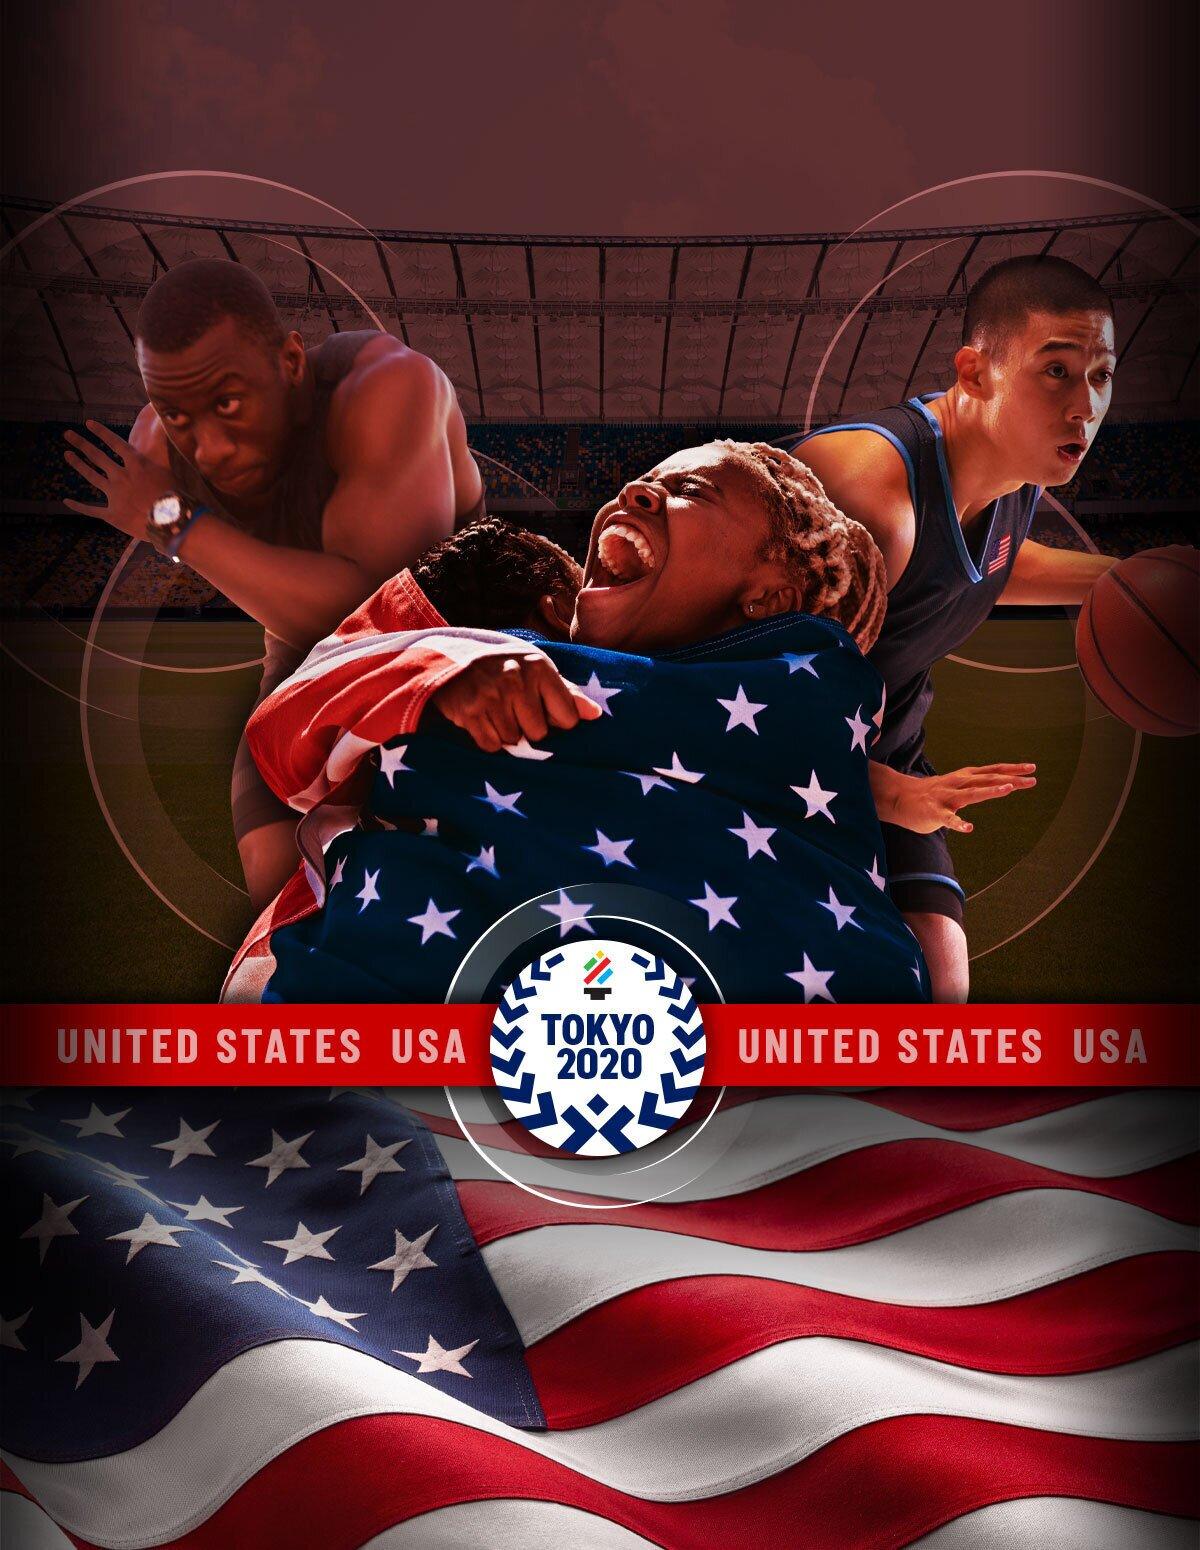 Tokyo Olympics Team USA mobile image